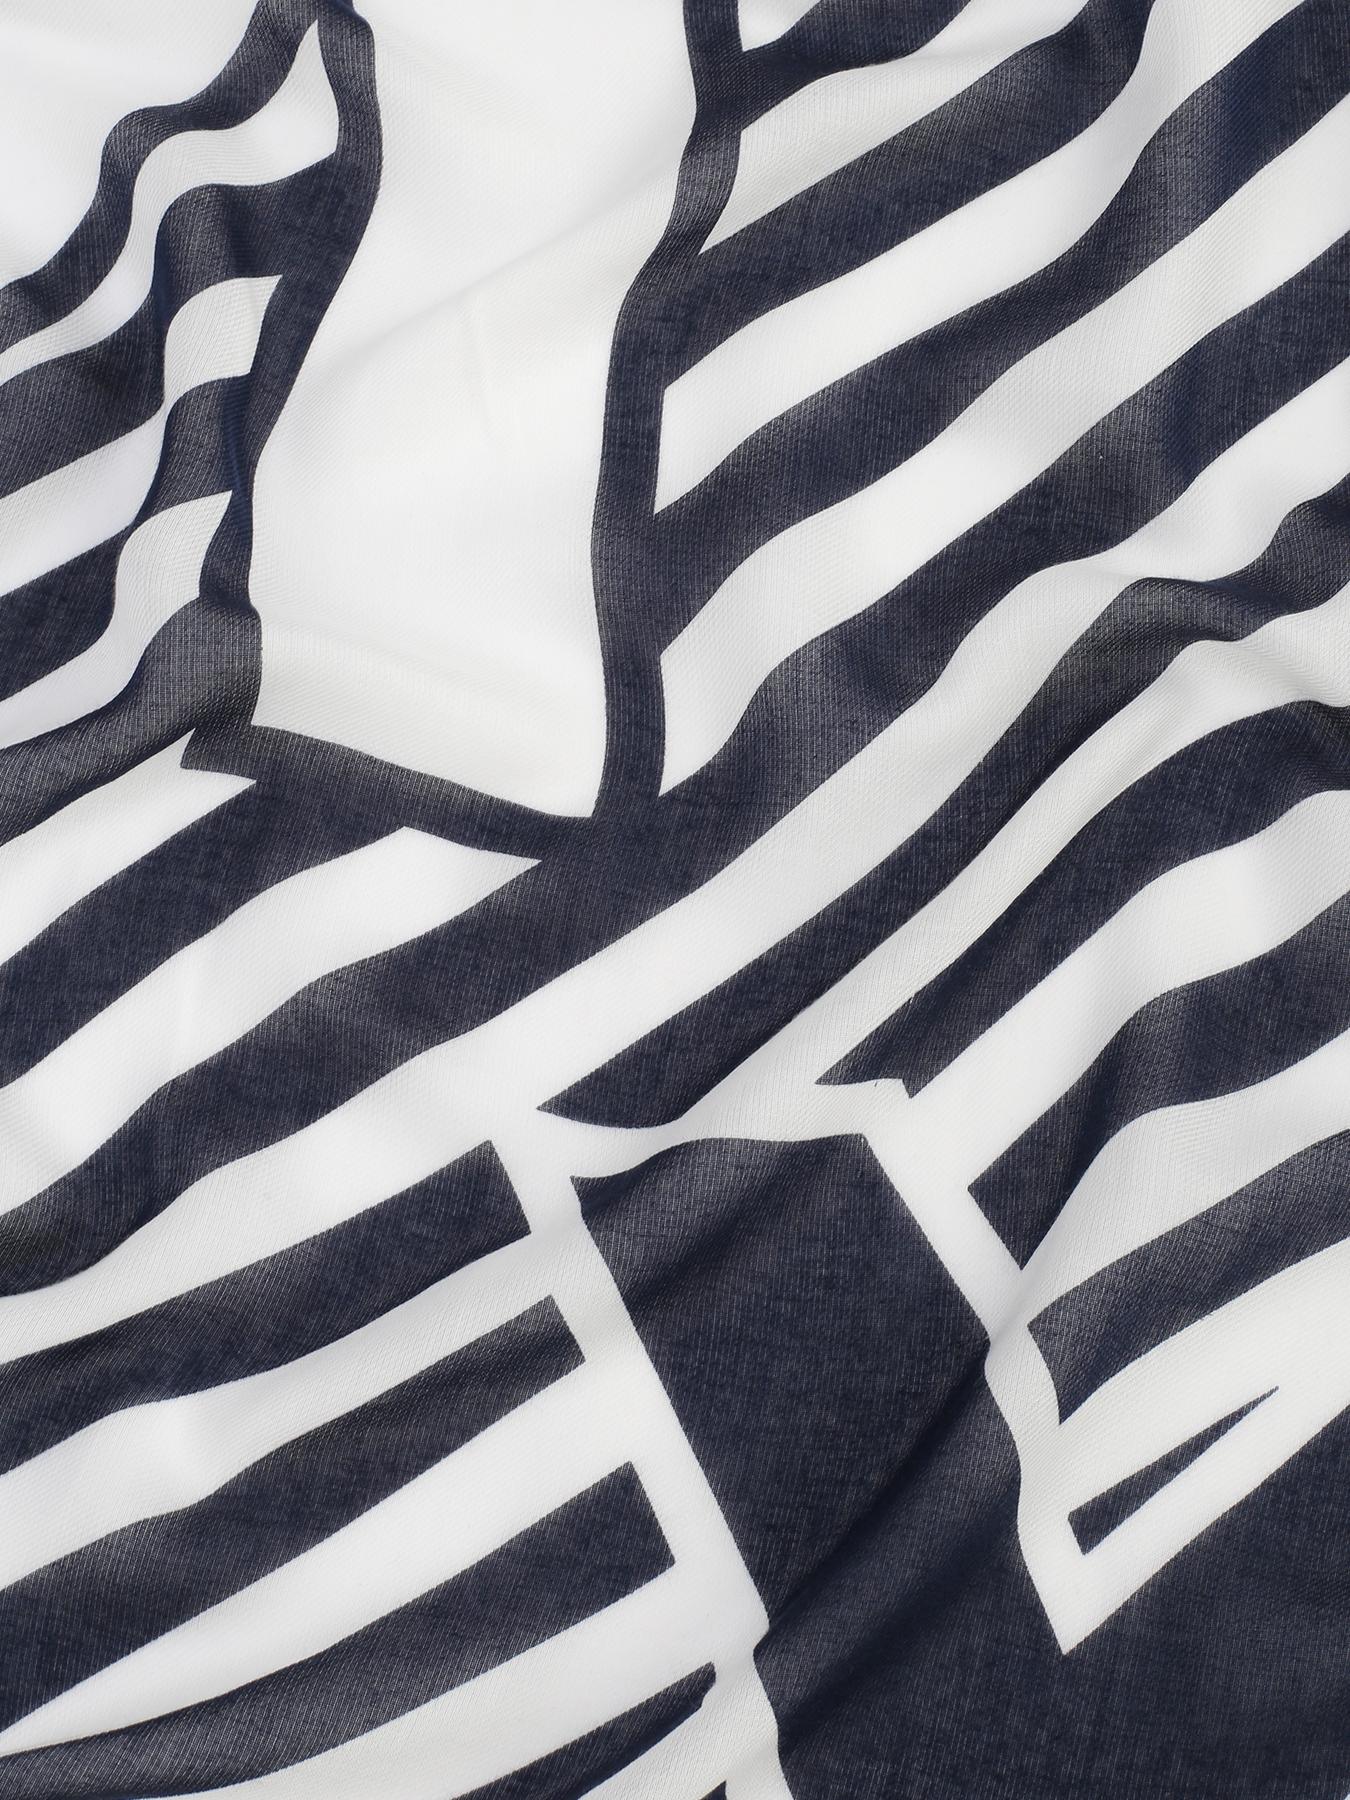 Платок Tommy Hilfiger Женский платок платок женский vita pelle цвет синий k09p554428 размер универсальный